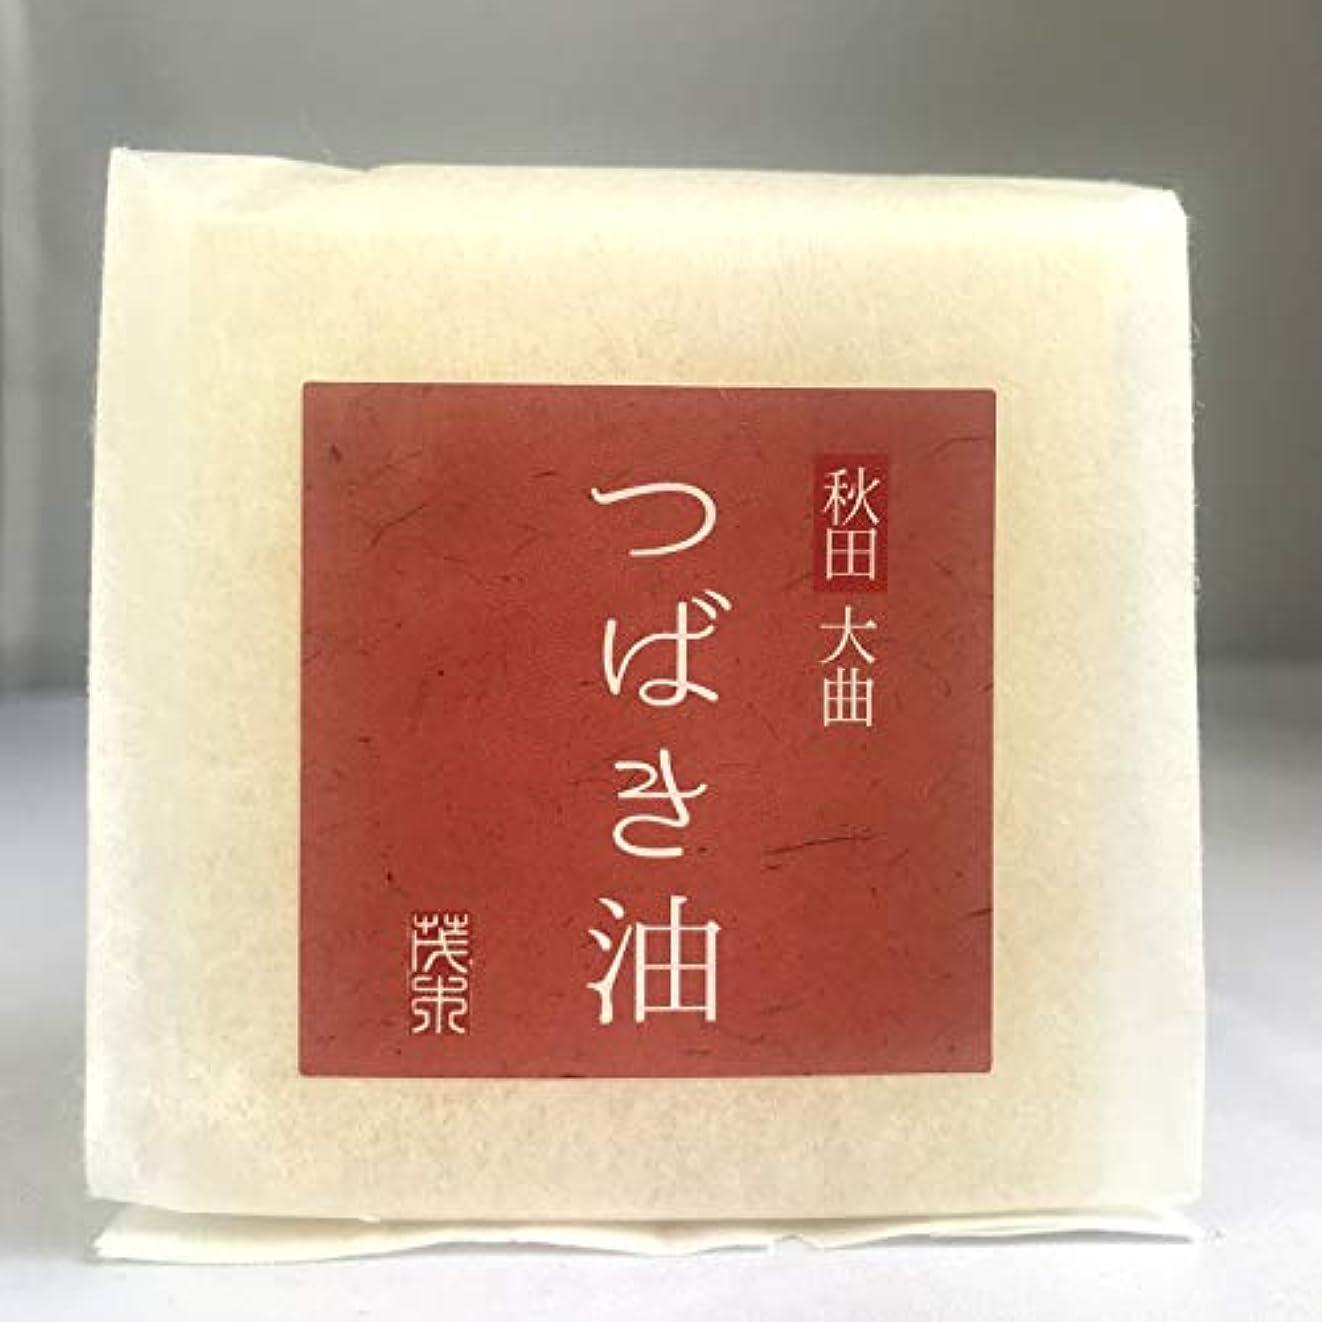 技術的なドームホステス無添加石鹸 つばき油石鹸 100g